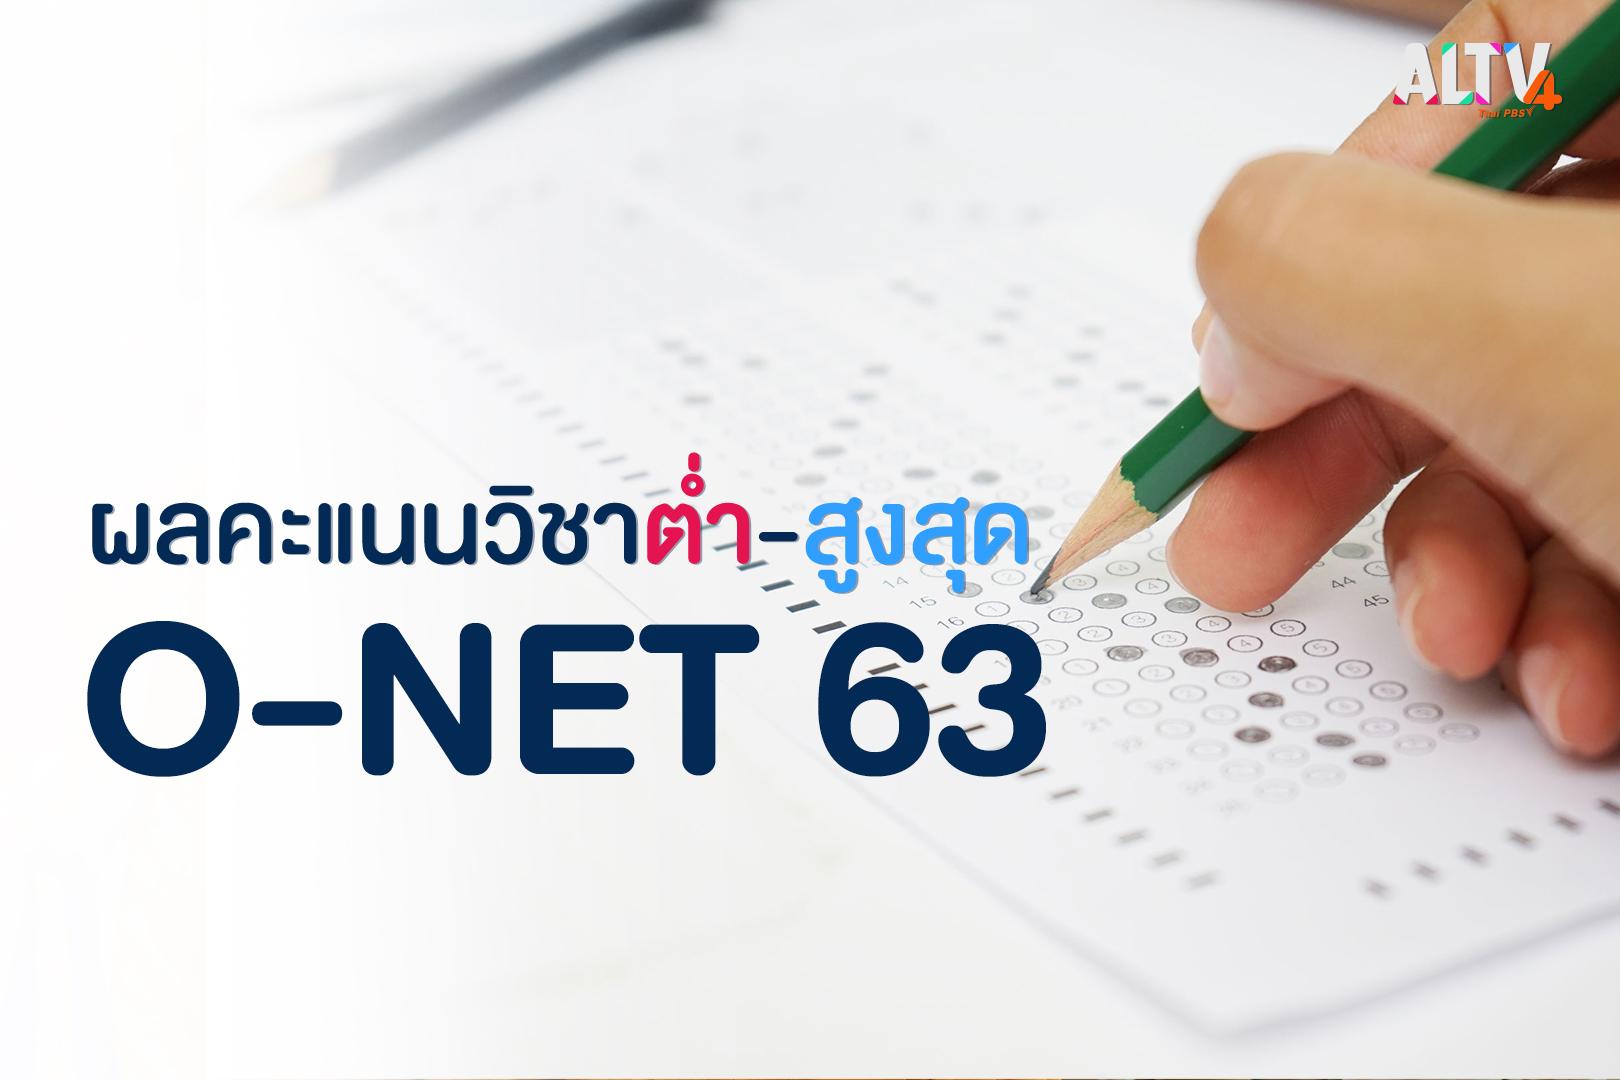 ผลสอบ O-NET 63 พบวิชาคณิต วิทย์ ภาษาอังกฤษ คะแนนเฉลี่ยต่ำสุดไม่ถึงร้อยละ 30